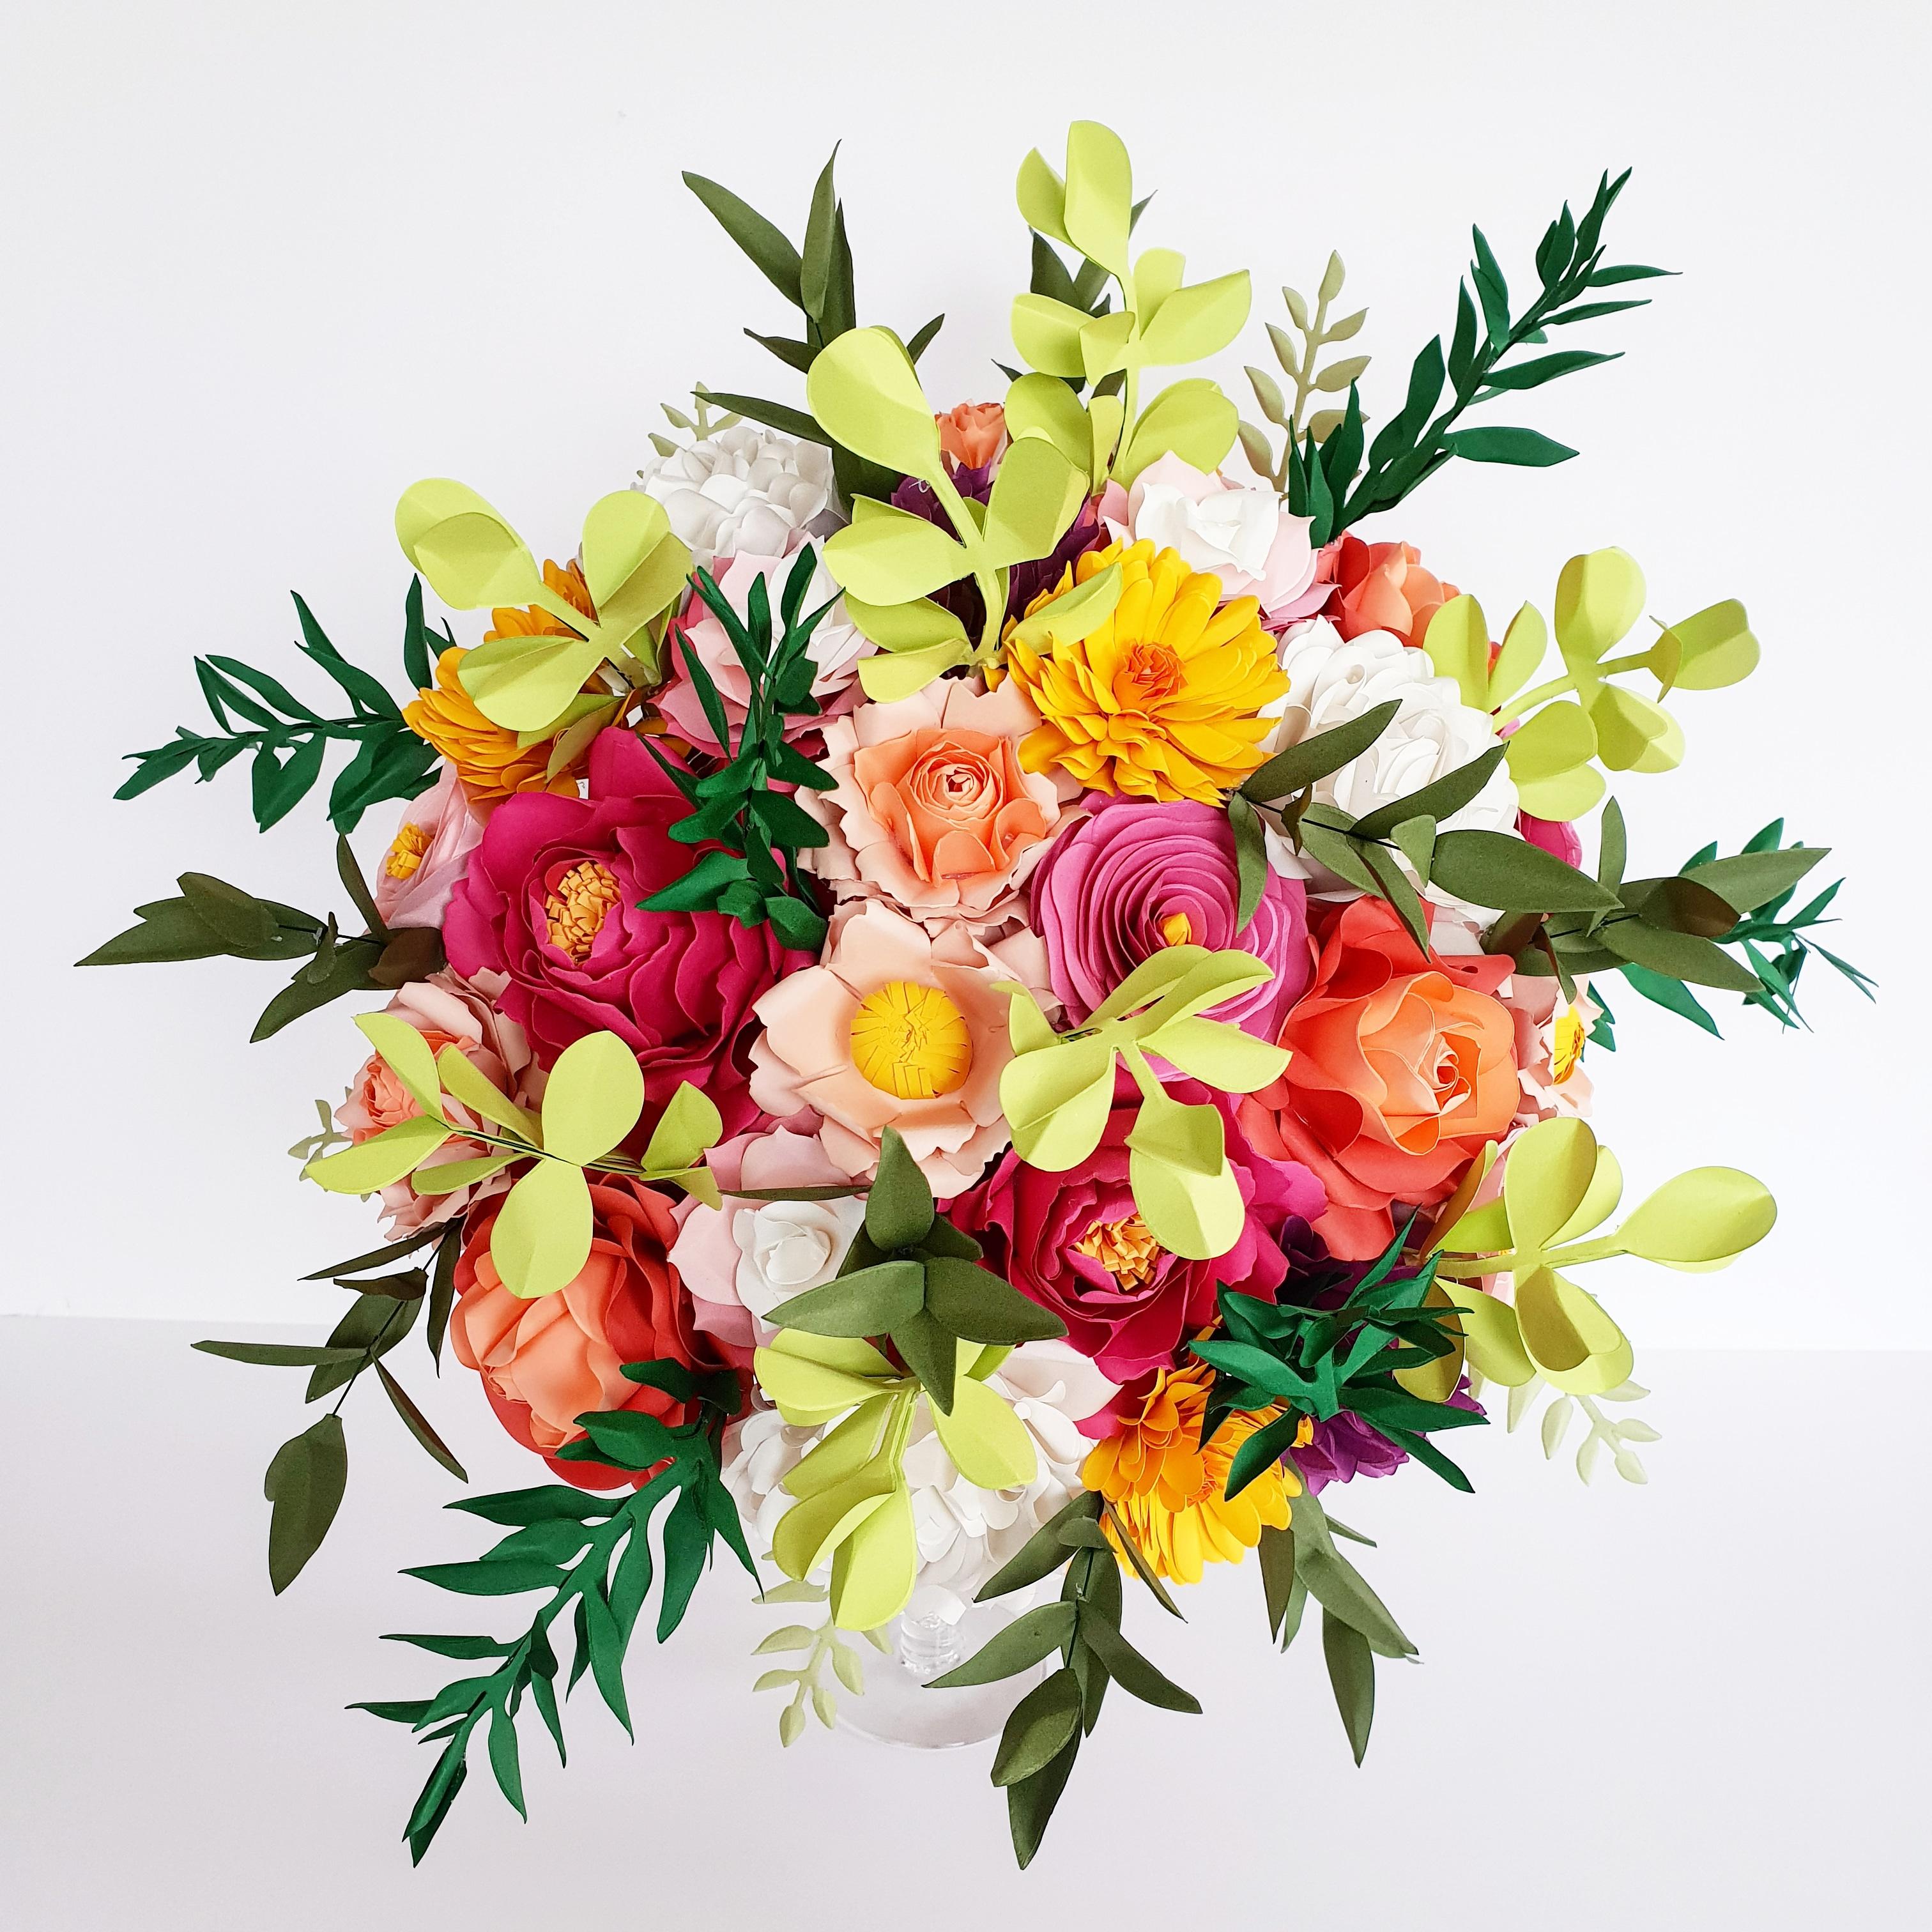 Giant Paper Bouquet